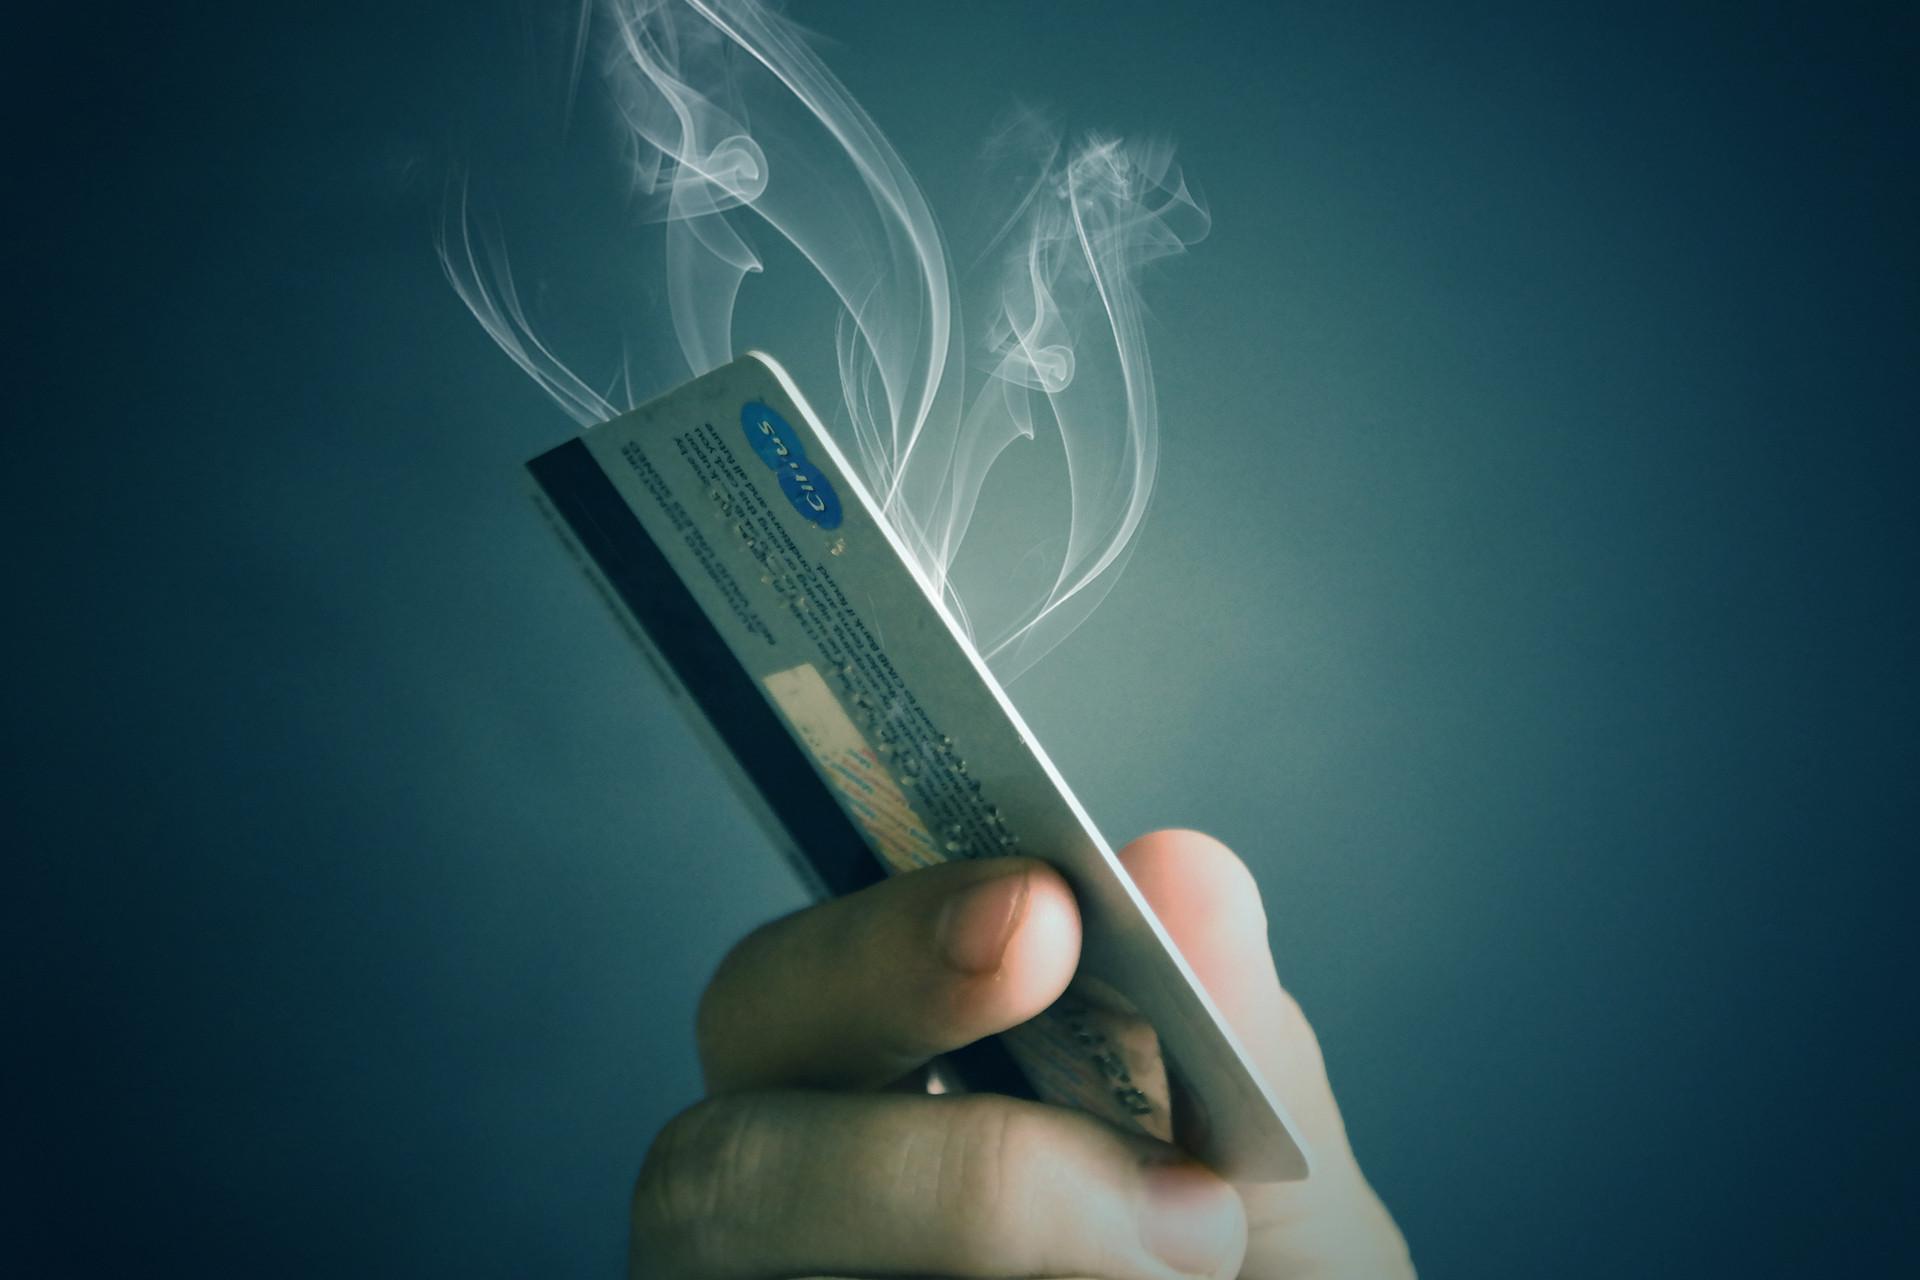 没有工资条模板?看人事、财务的机智选择